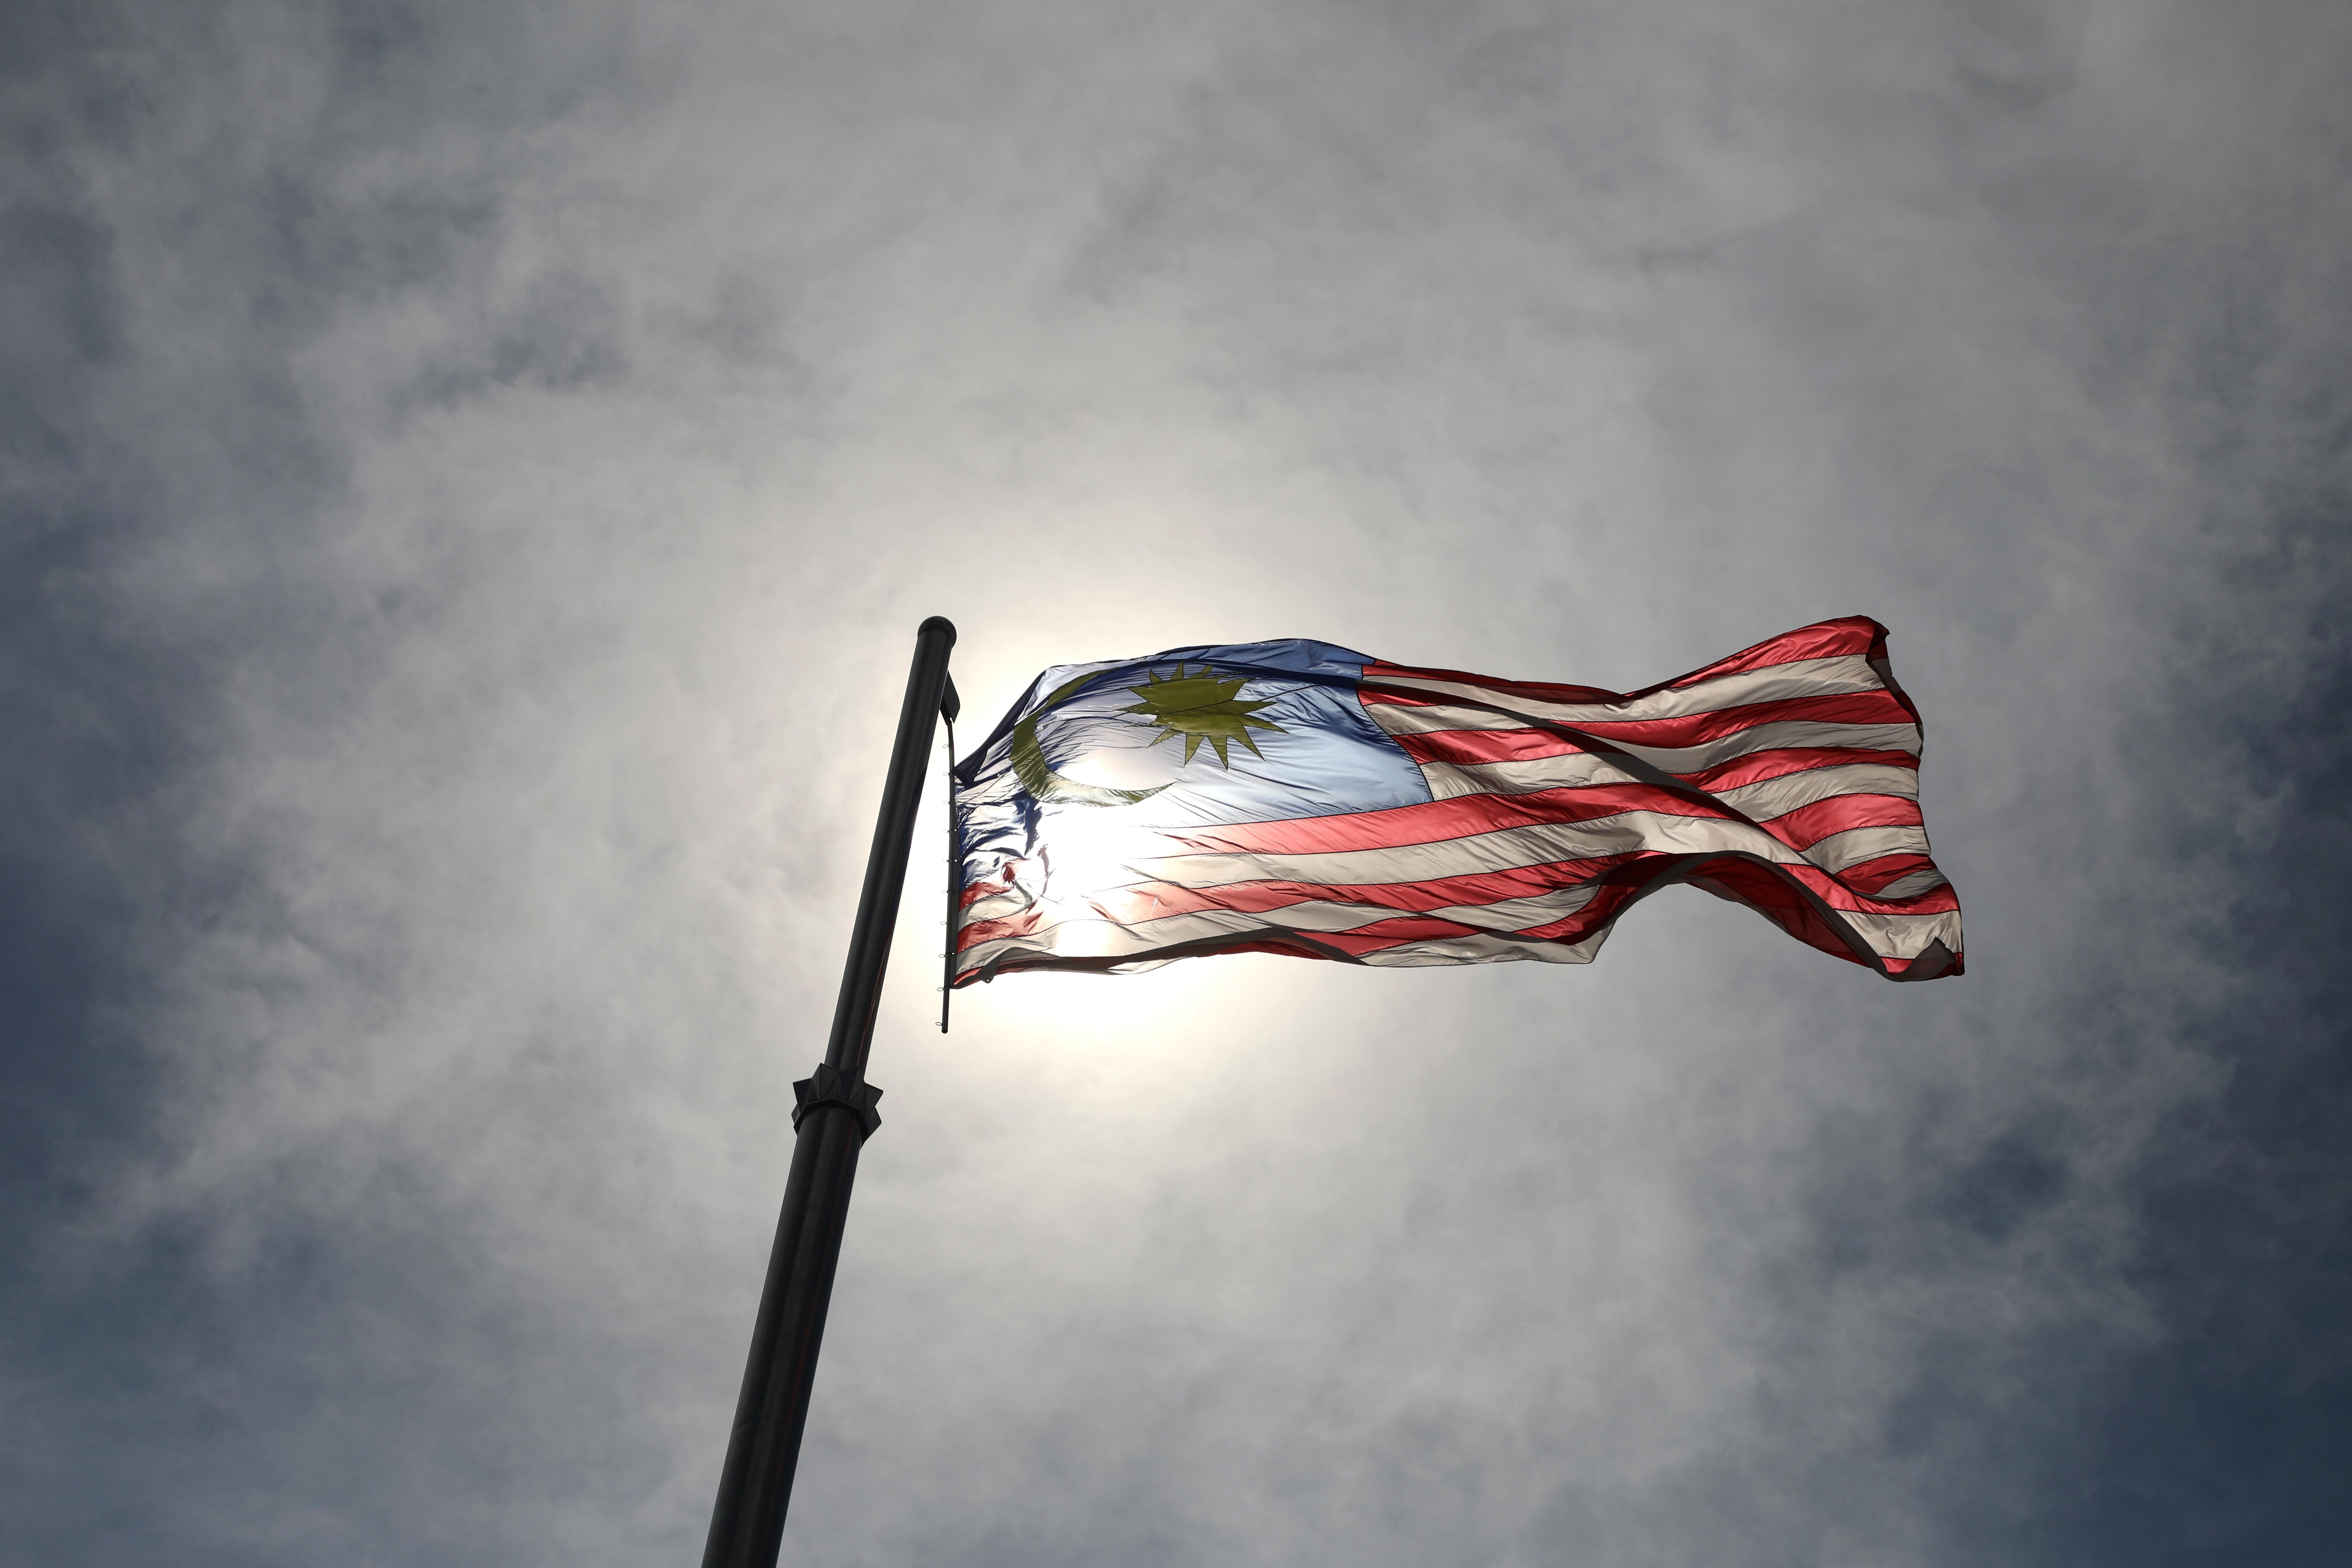 Một lá cờ Malaysia bay bên ngoài văn phòng Thủ tướng, ở Putrajaya, Malaysia ngày 24 tháng 9 năm 2020. REUTERS / Lim Huey Teng